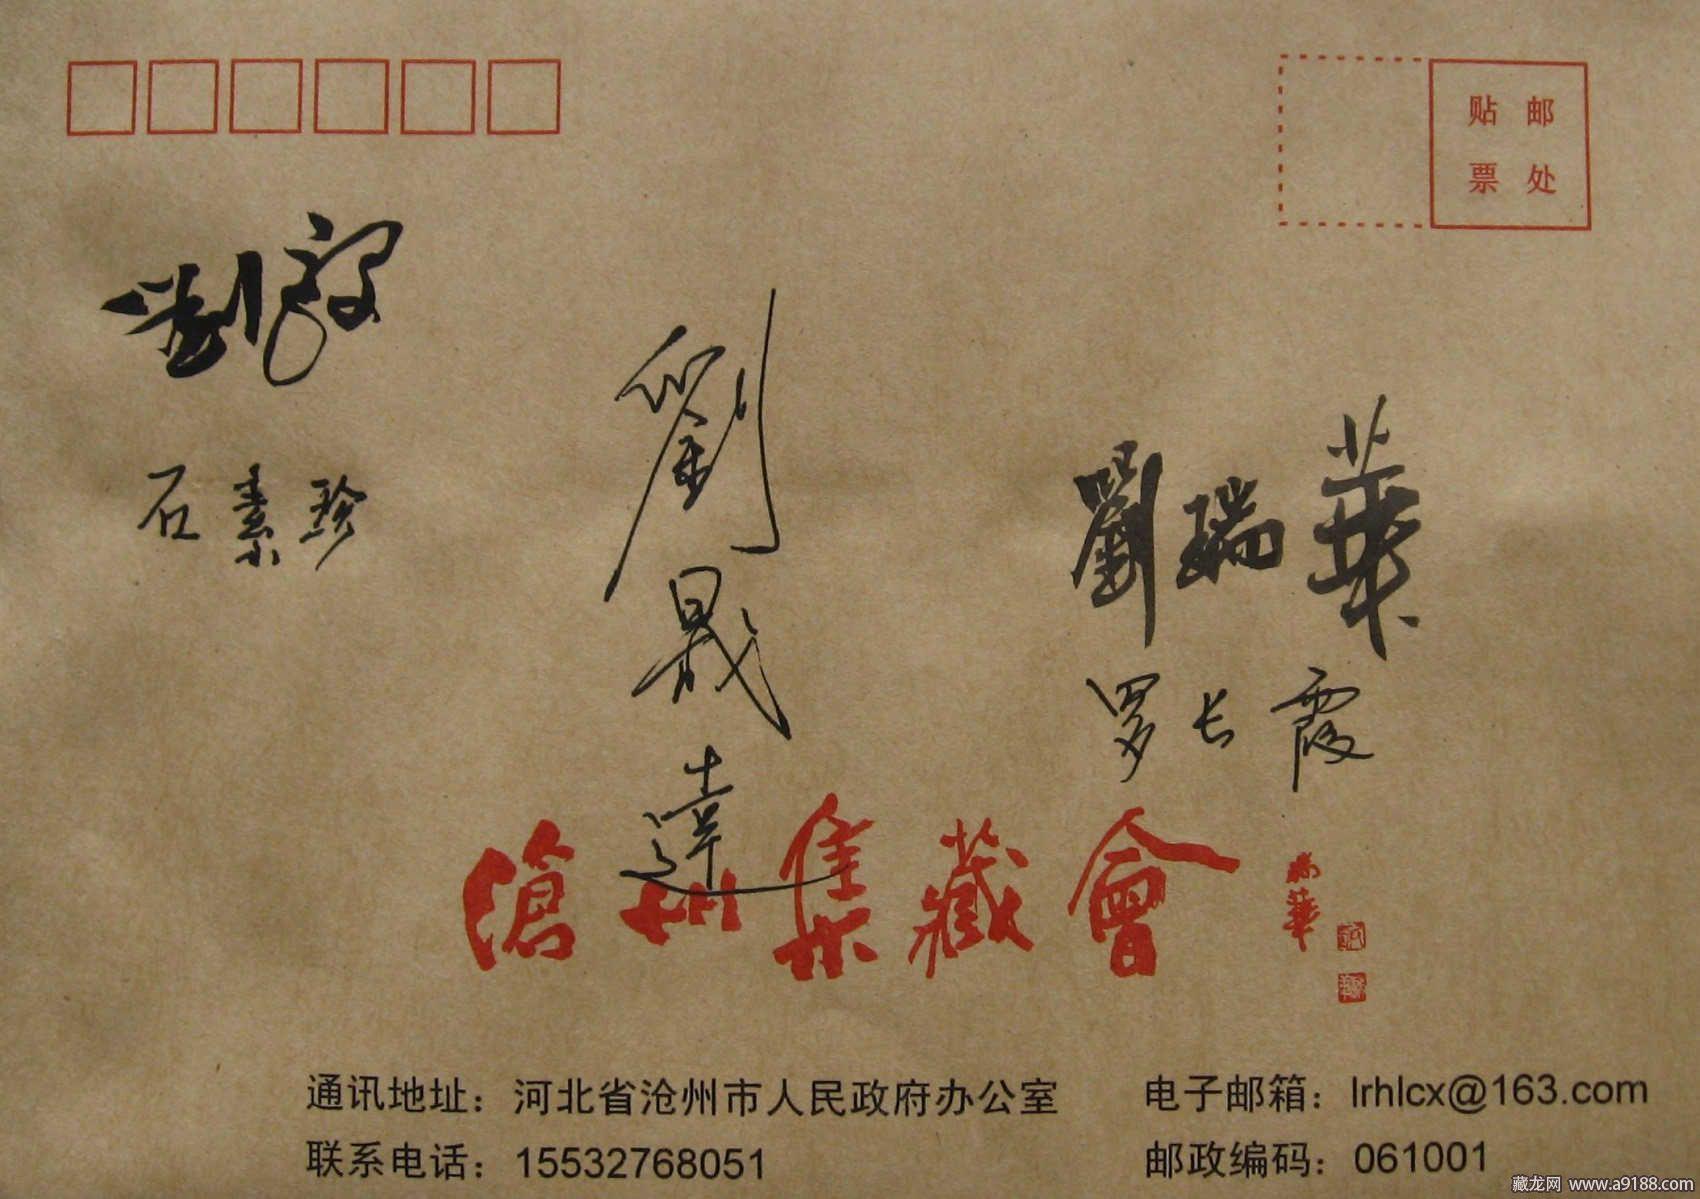 """2014年母亲节之夜的""""全家福""""签名---老爸:刘毅,老妈:石素珍,我:刘瑞华,老婆:.jpg"""